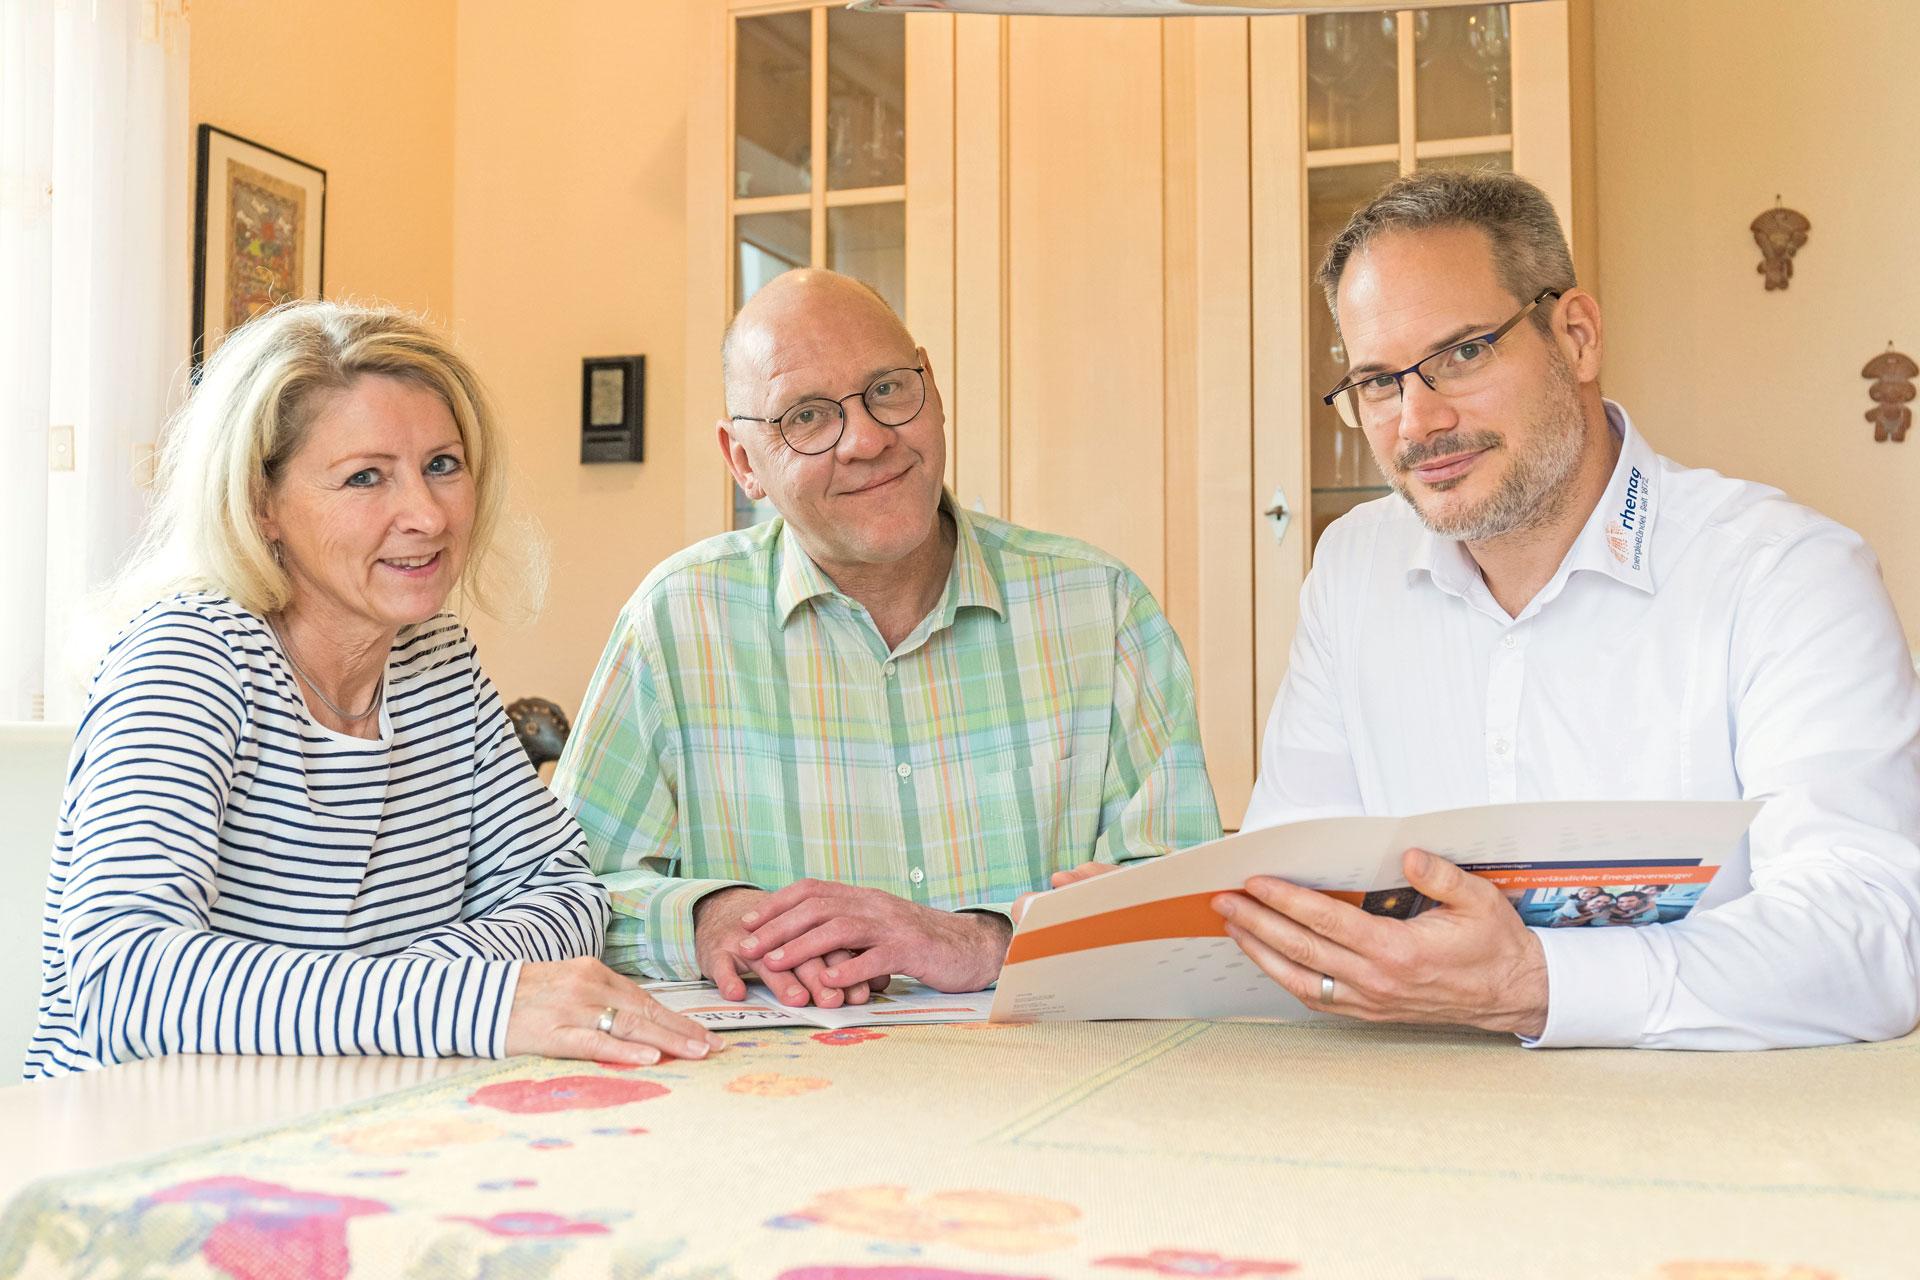 Monika und Bernhard Schissler loben die Beratung durch Jan Meiser (rechts) von der rhenag. Sehr zufrieden sind sie auch mit der Installation der Anlage auf dem Dach und des Speichers im Keller.